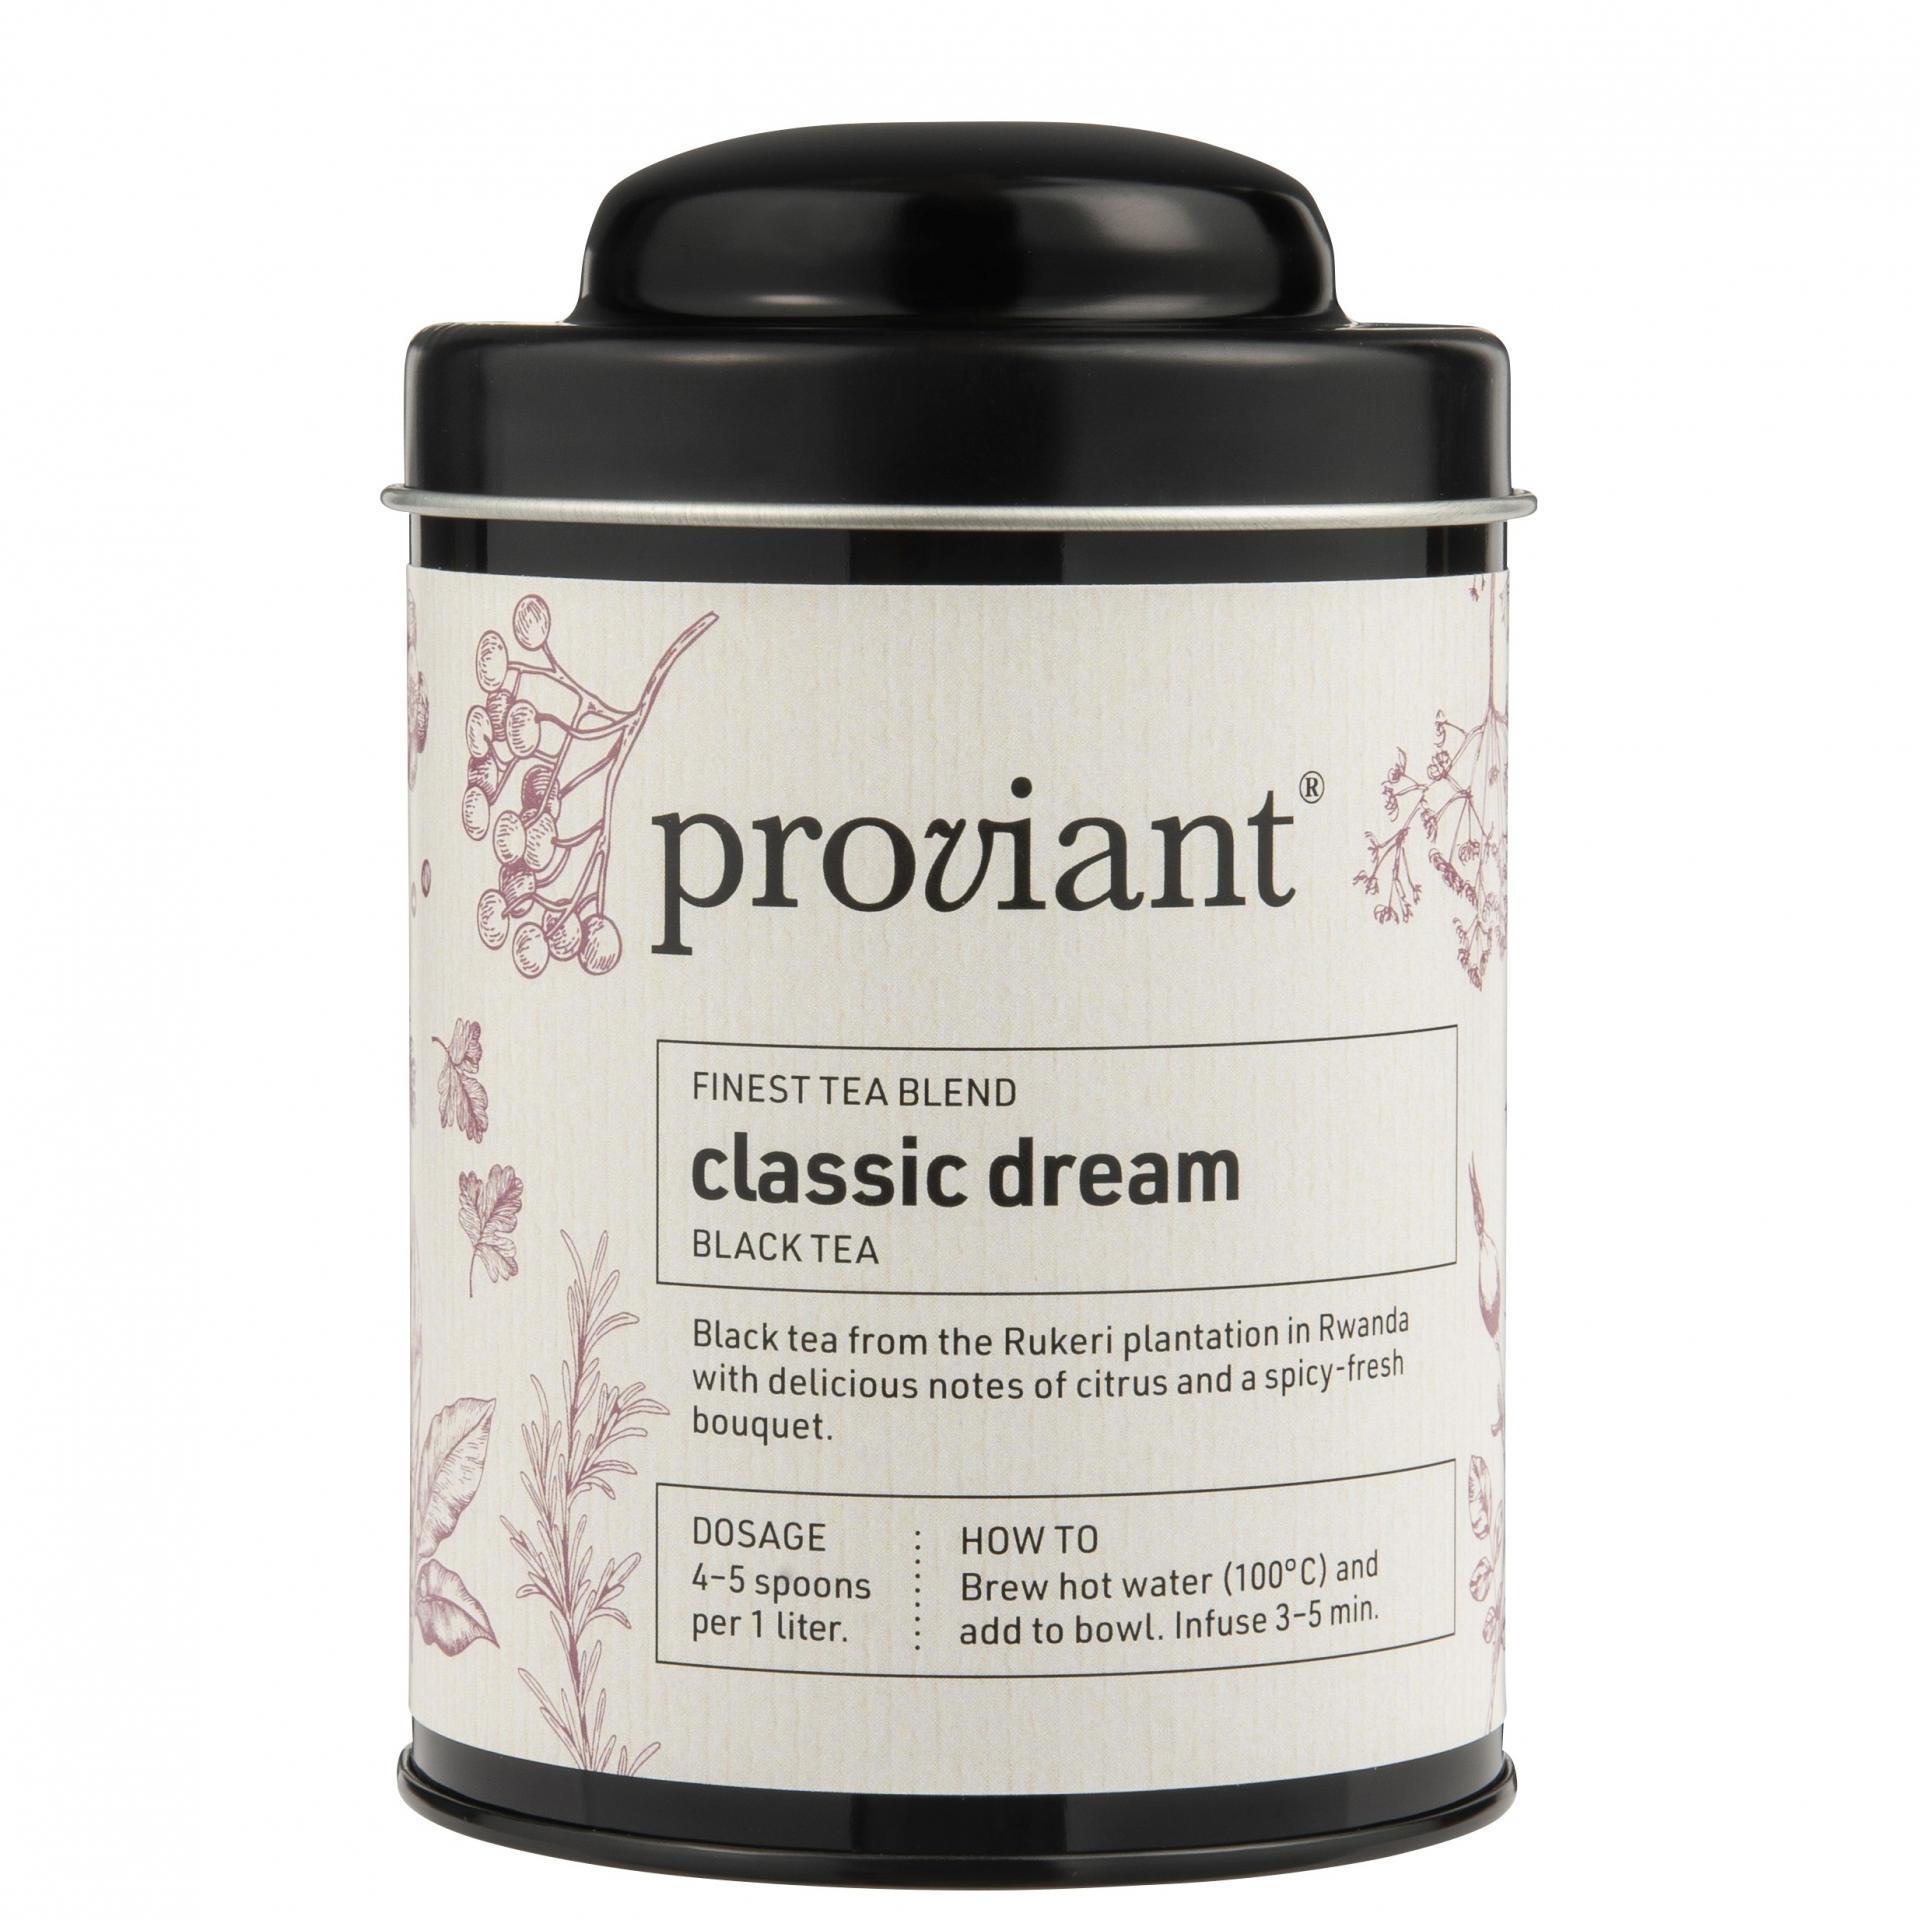 Proviant Černý čaj v dóze Classic Dream 100 g, černá barva, kov